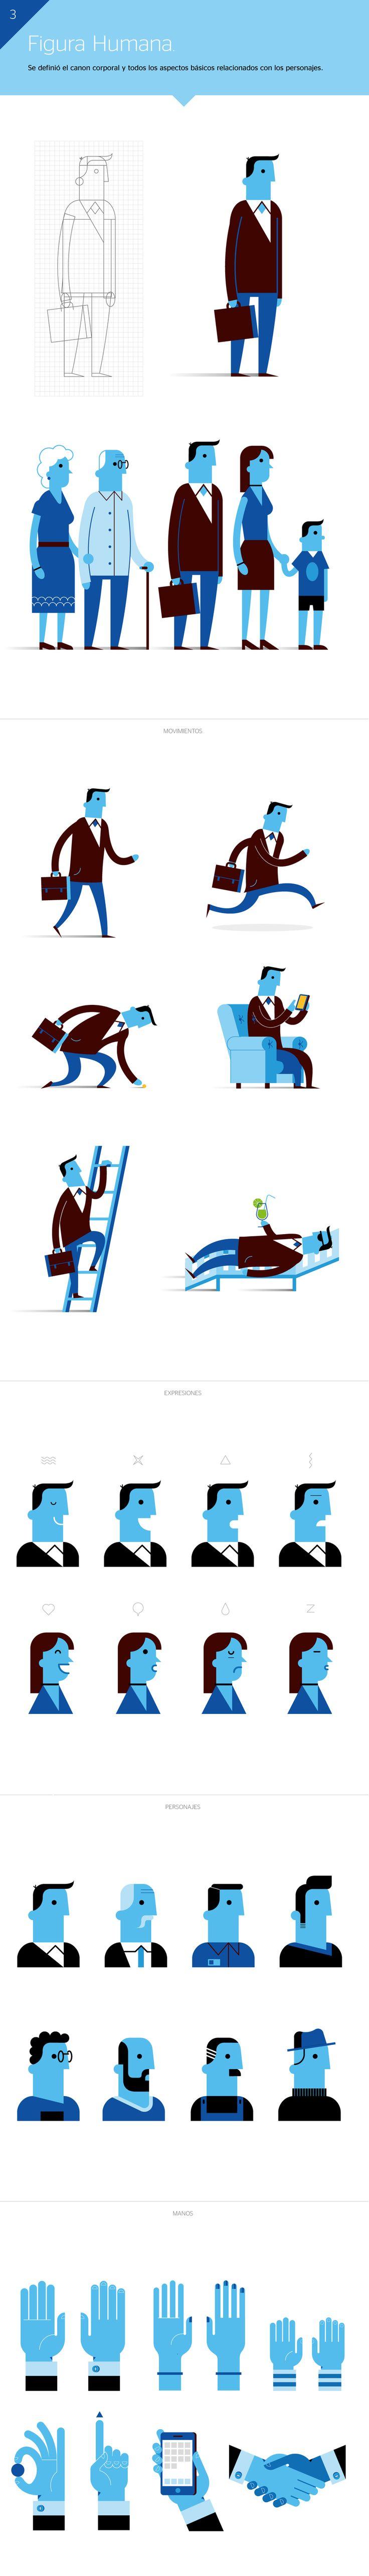 BBVA Ilustración Corporativa. 7 #illustration #character